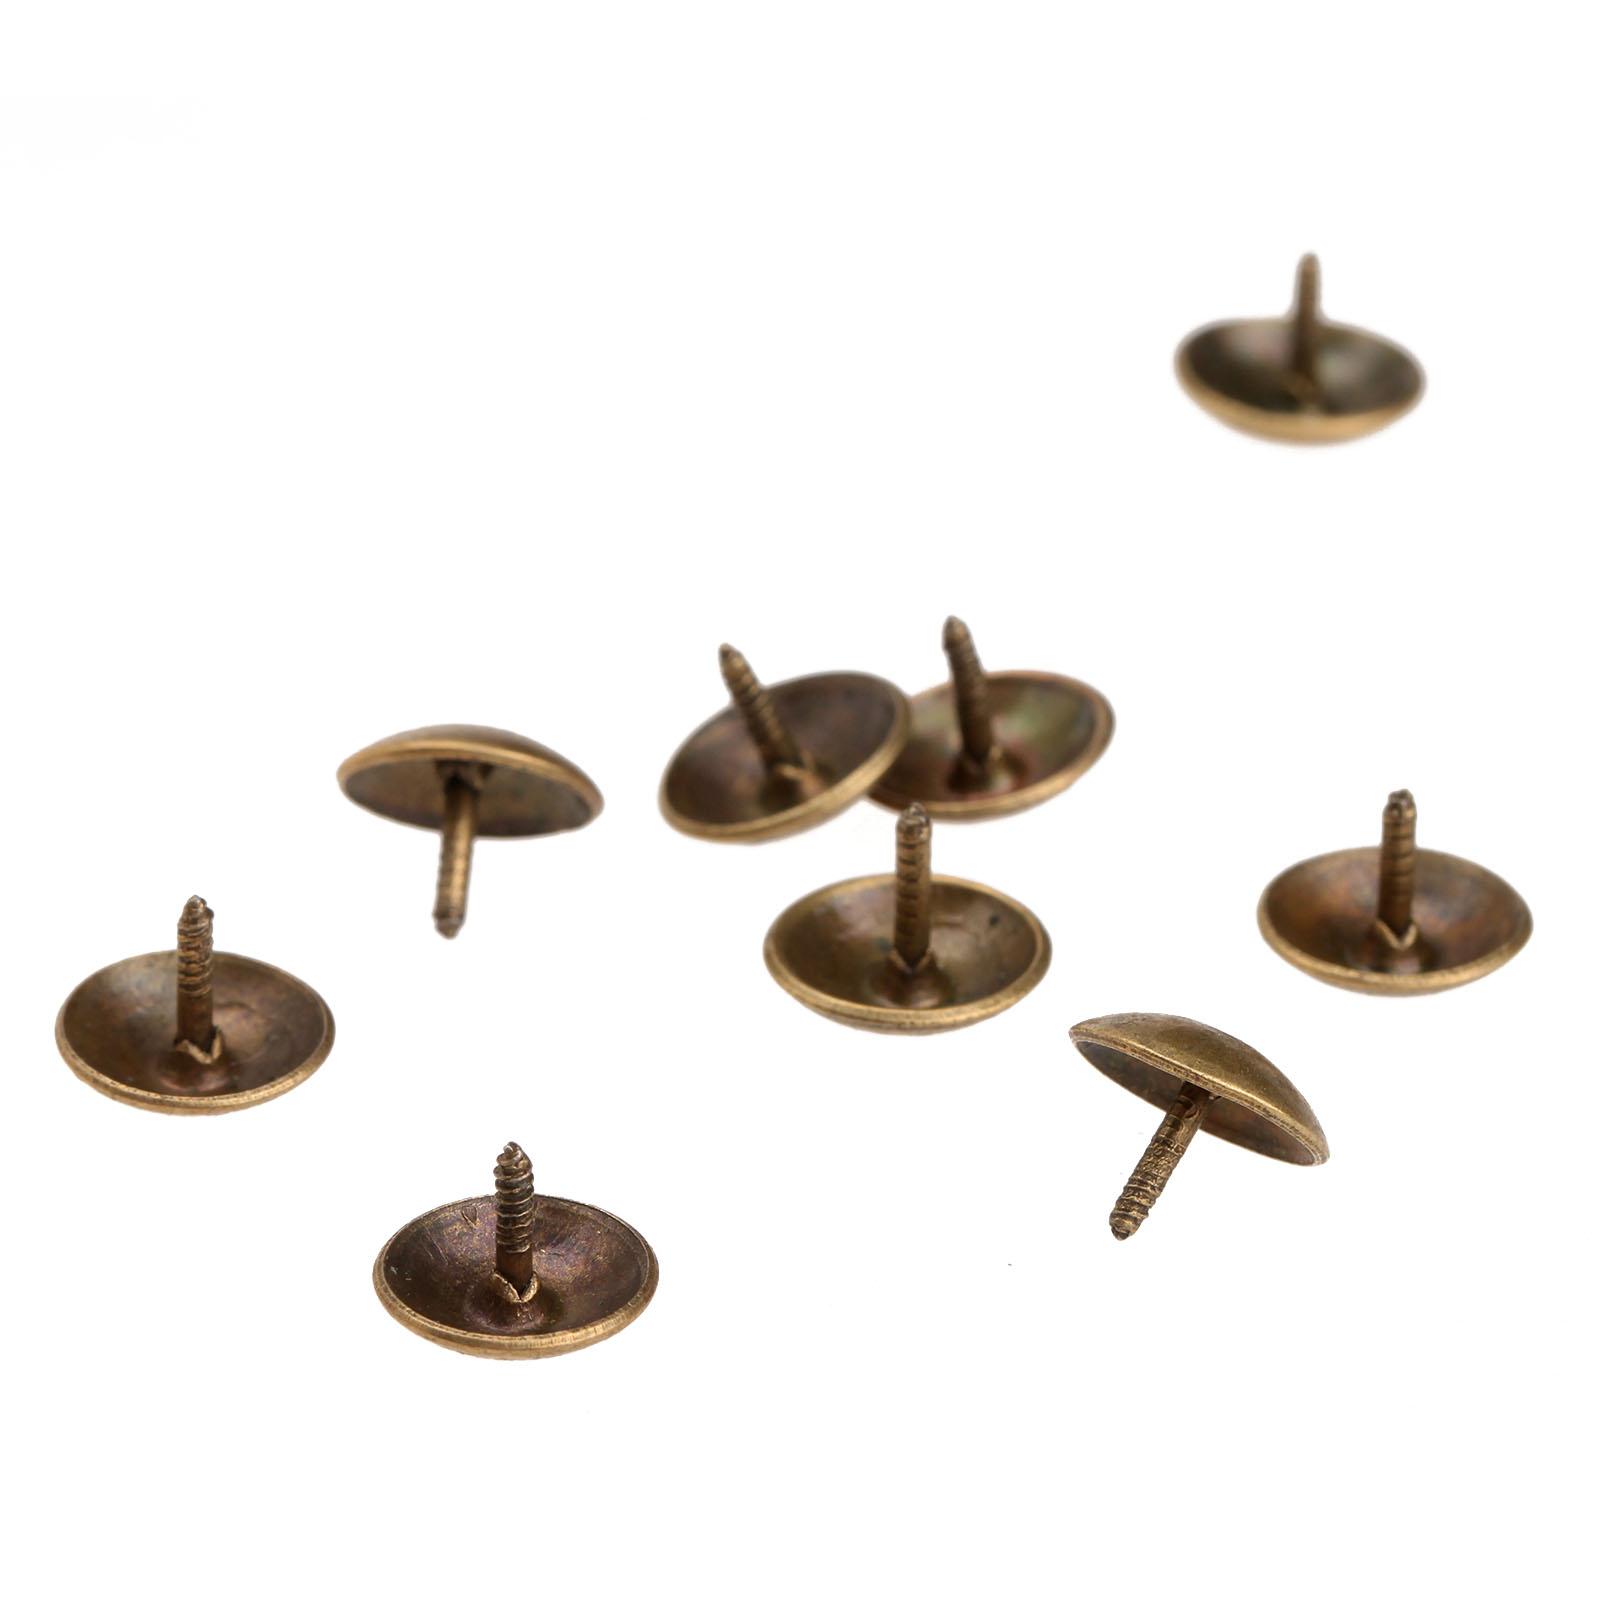 웃 유100Pcs/lot 9x6mm Antique Brass Upholstery Nail Decorative ...